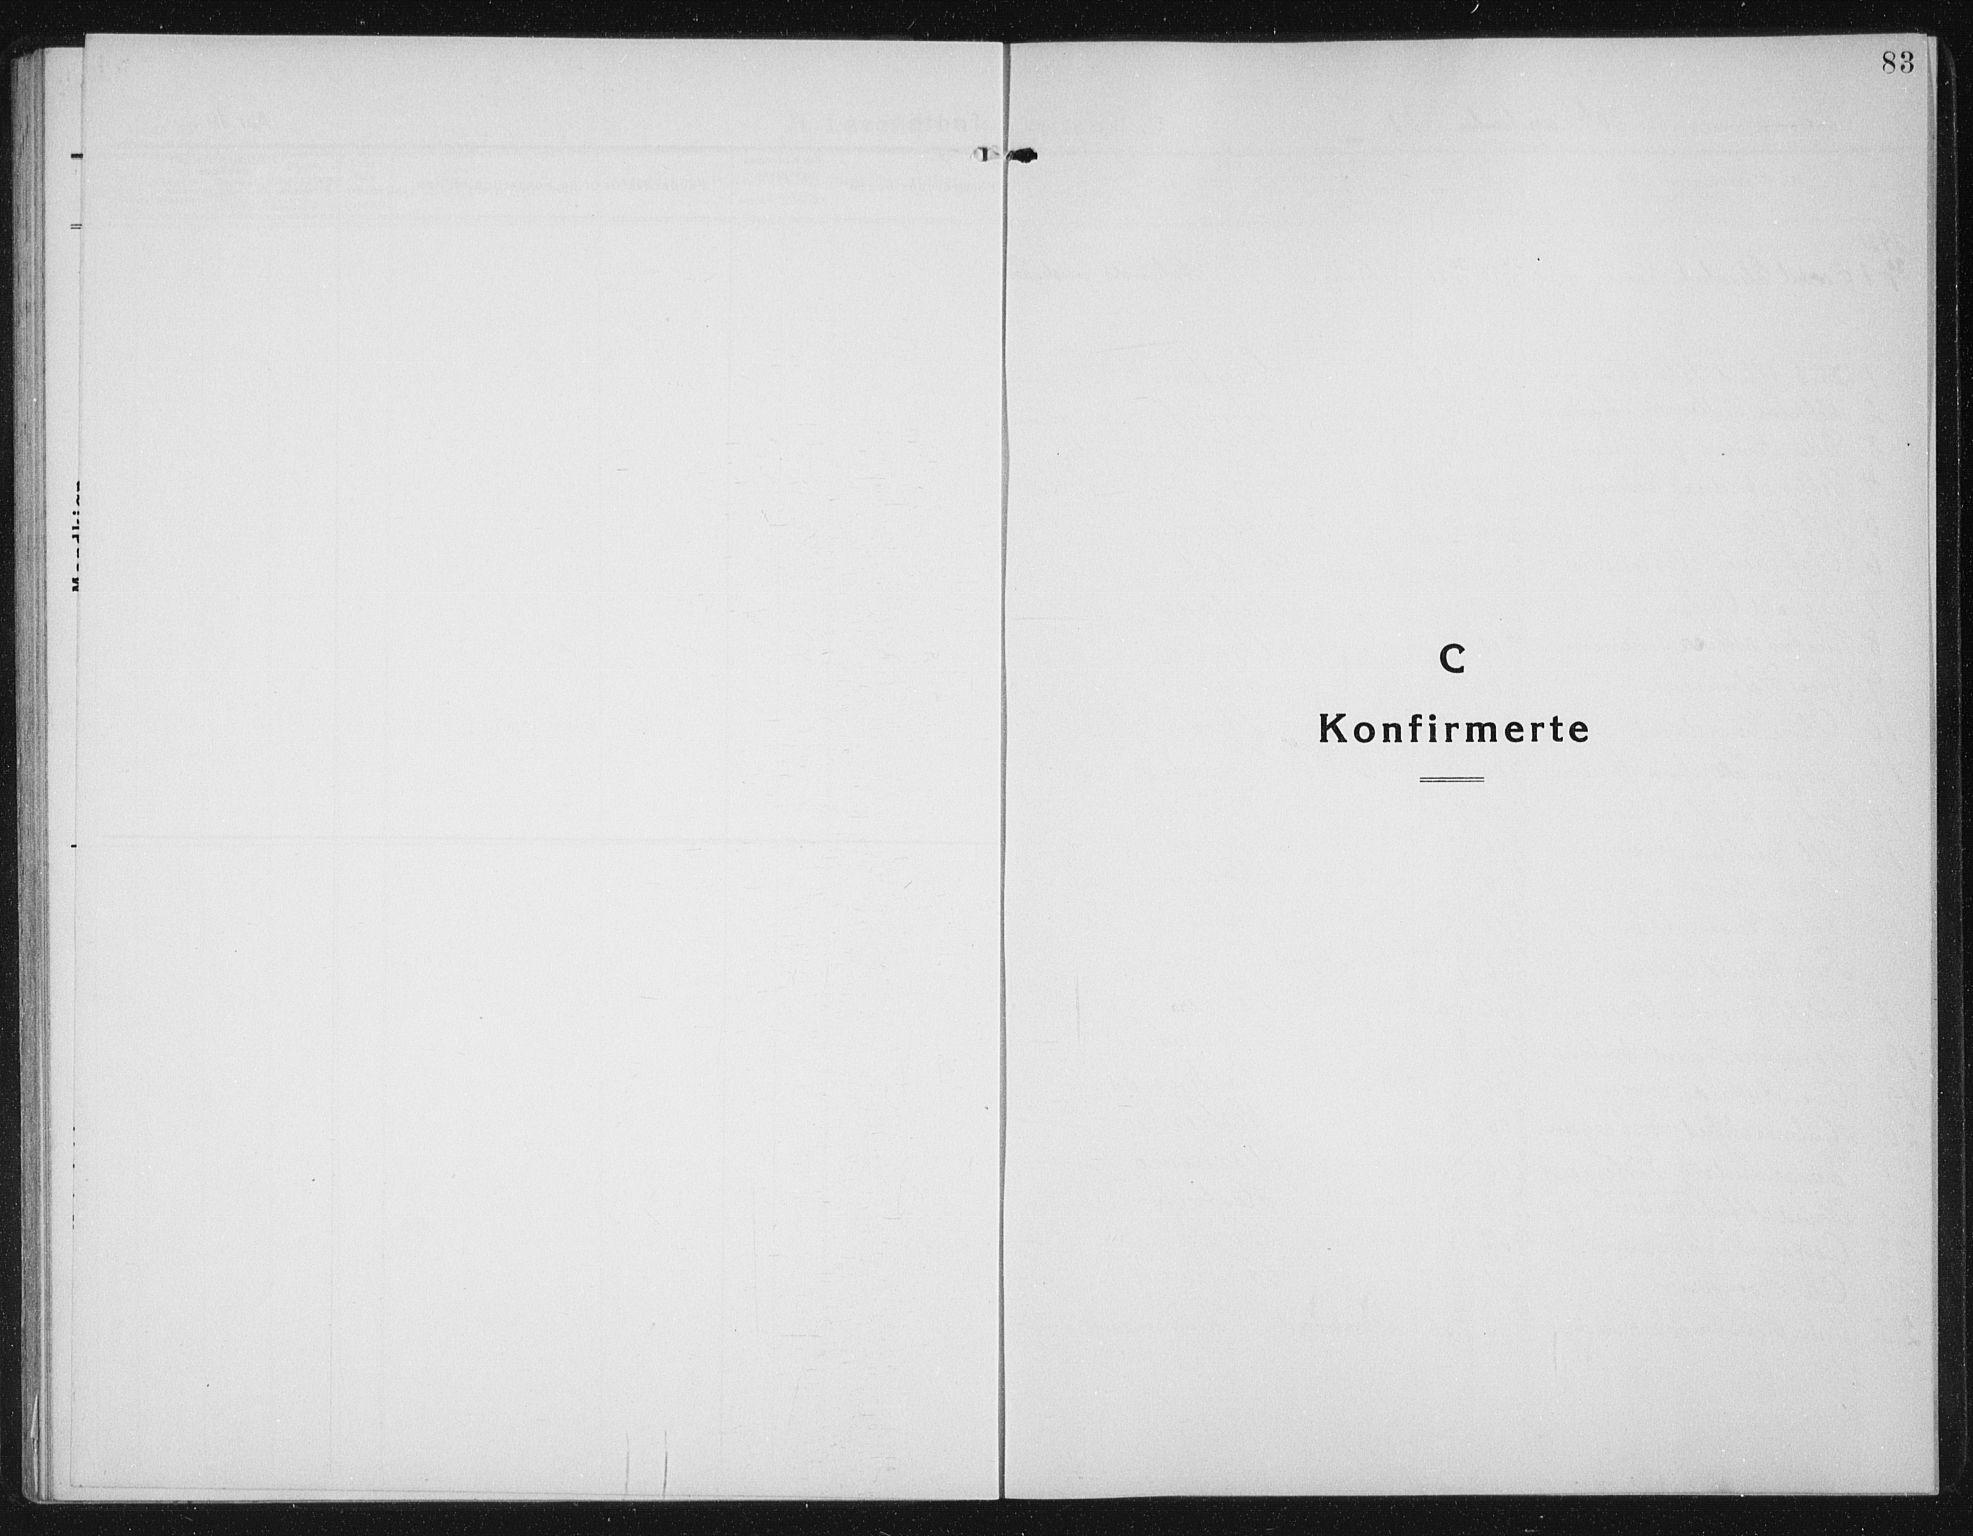 SAT, Ministerialprotokoller, klokkerbøker og fødselsregistre - Sør-Trøndelag, 655/L0689: Klokkerbok nr. 655C05, 1922-1936, s. 83